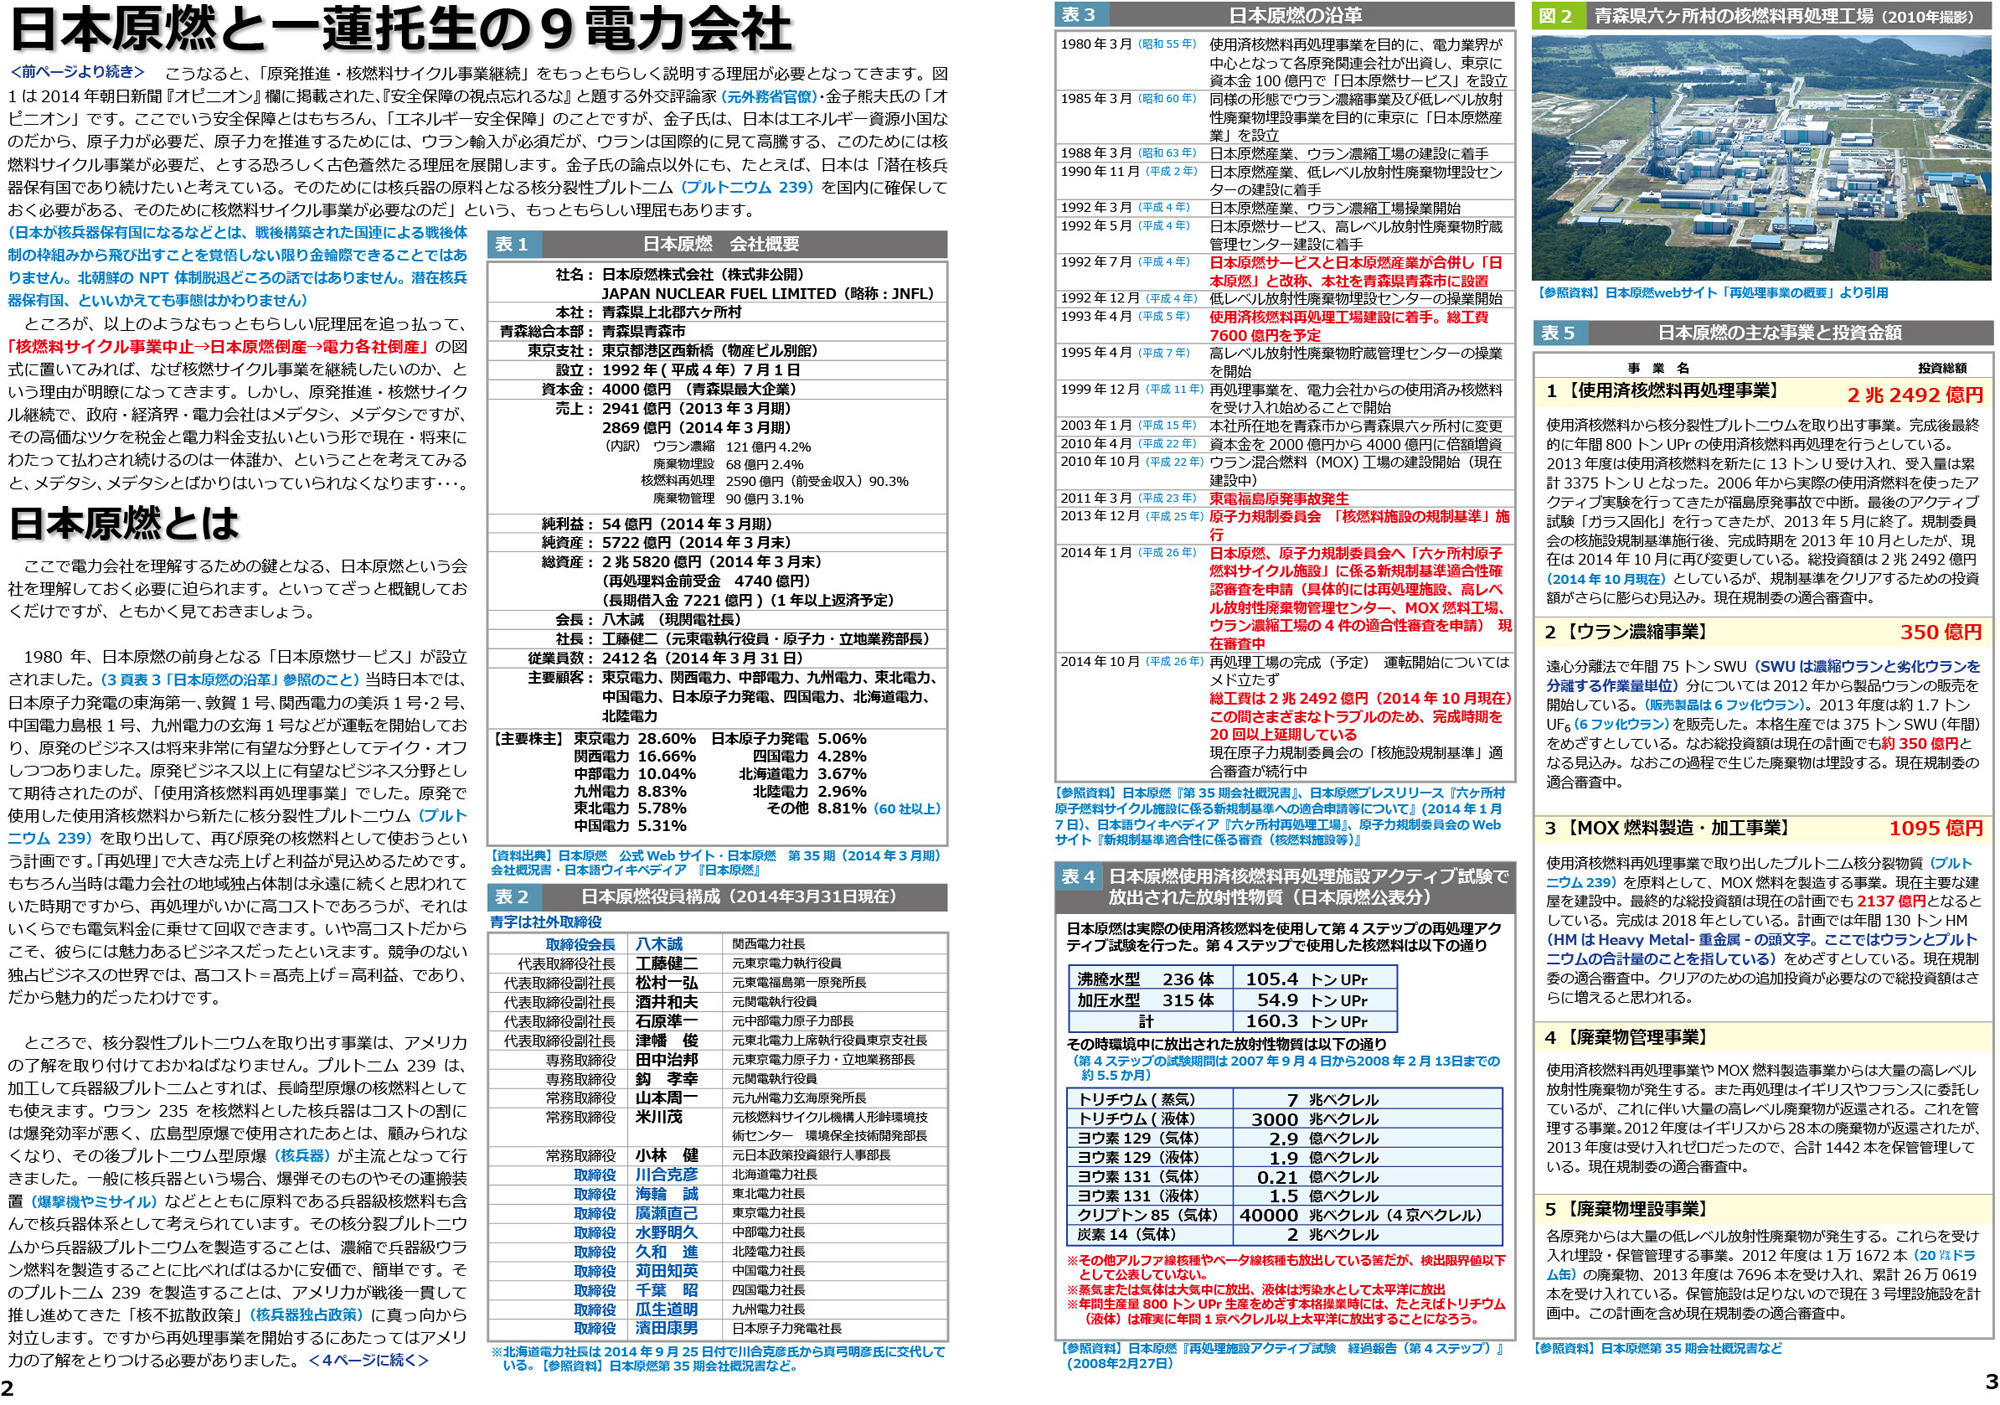 ファイル 342-2.jpg